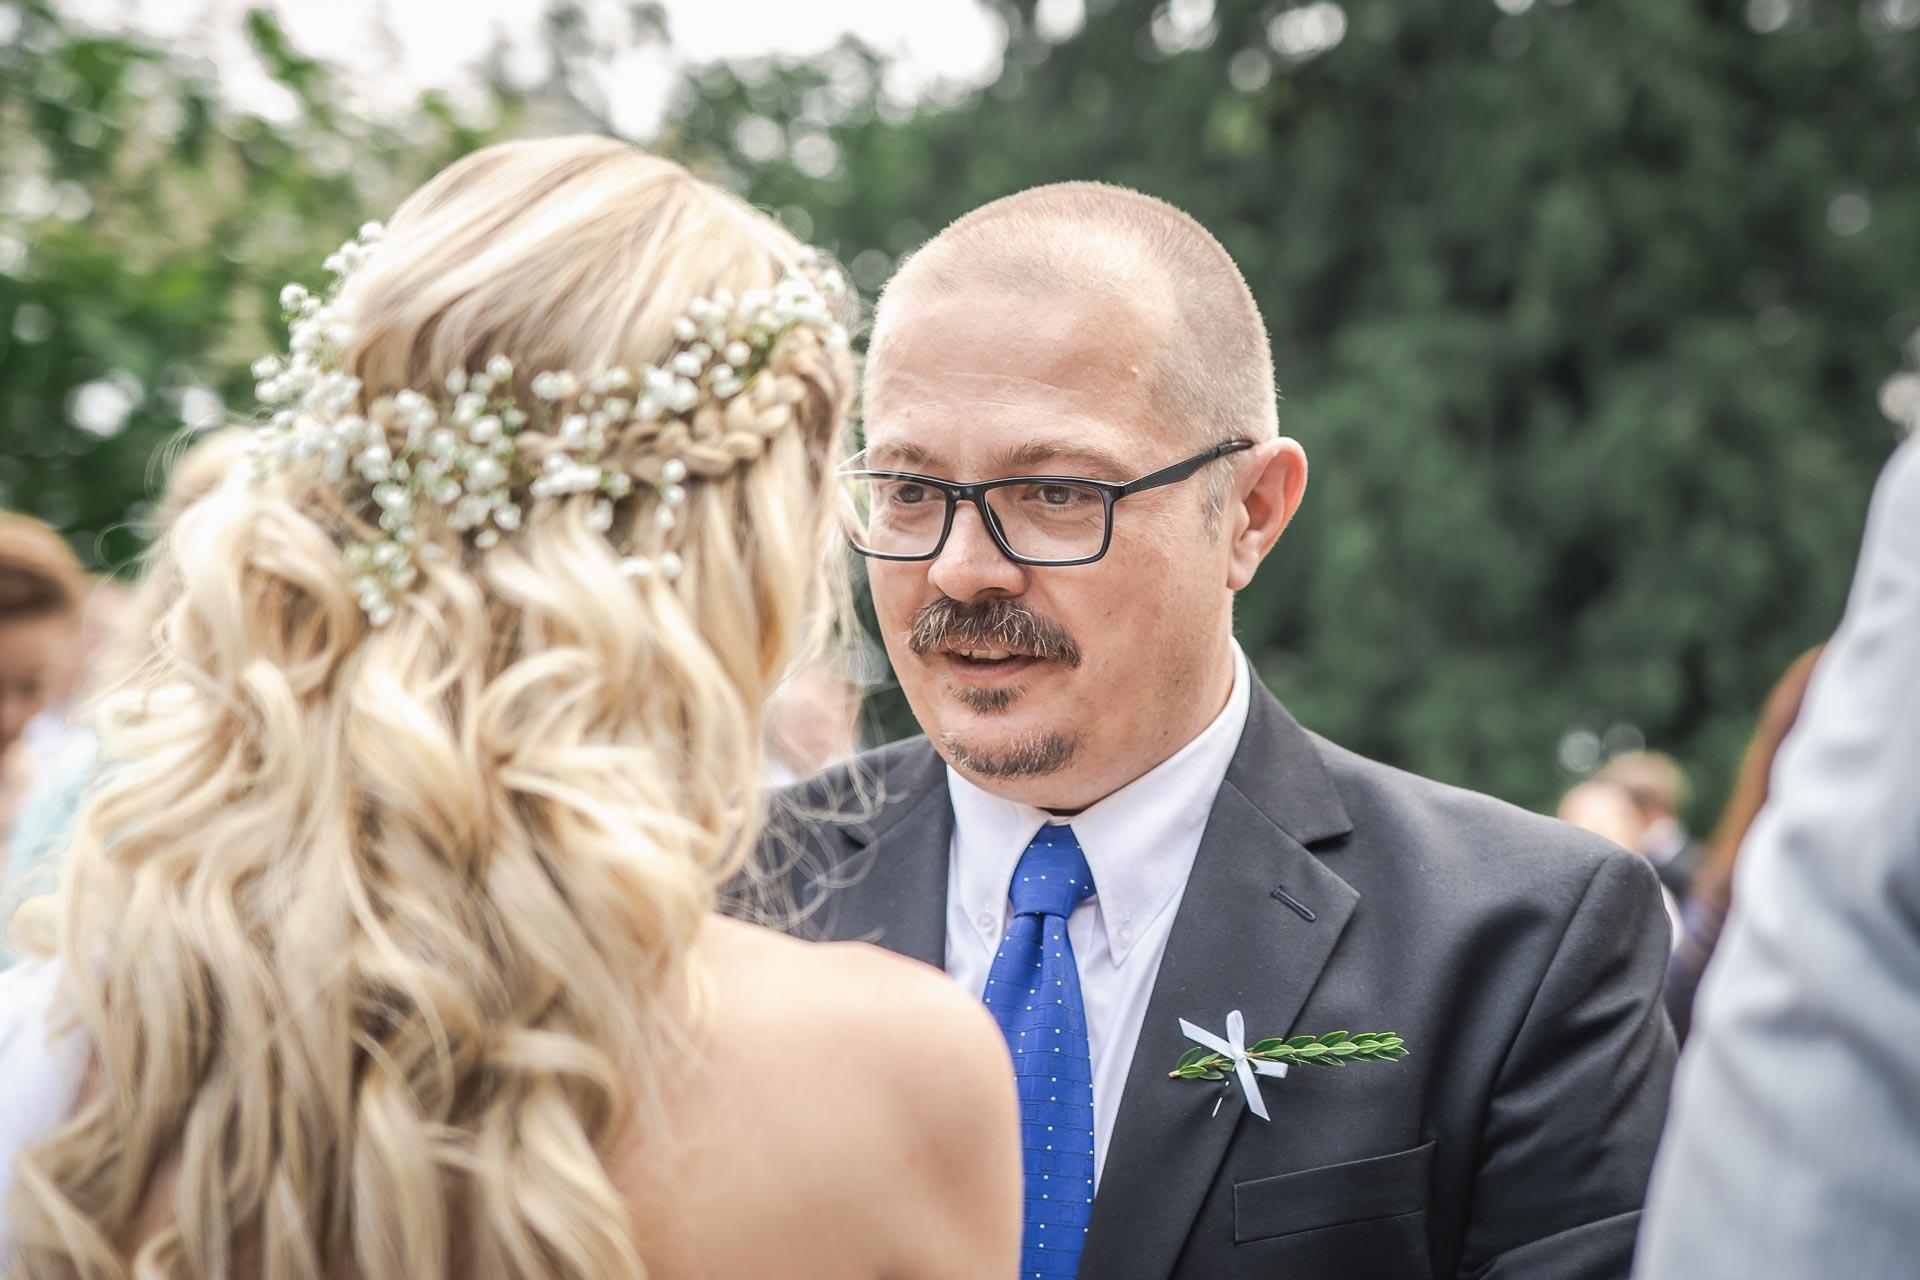 svatební-fotograf-zámek-Loučeň-svatební-video-zámek-Loučeň-3734